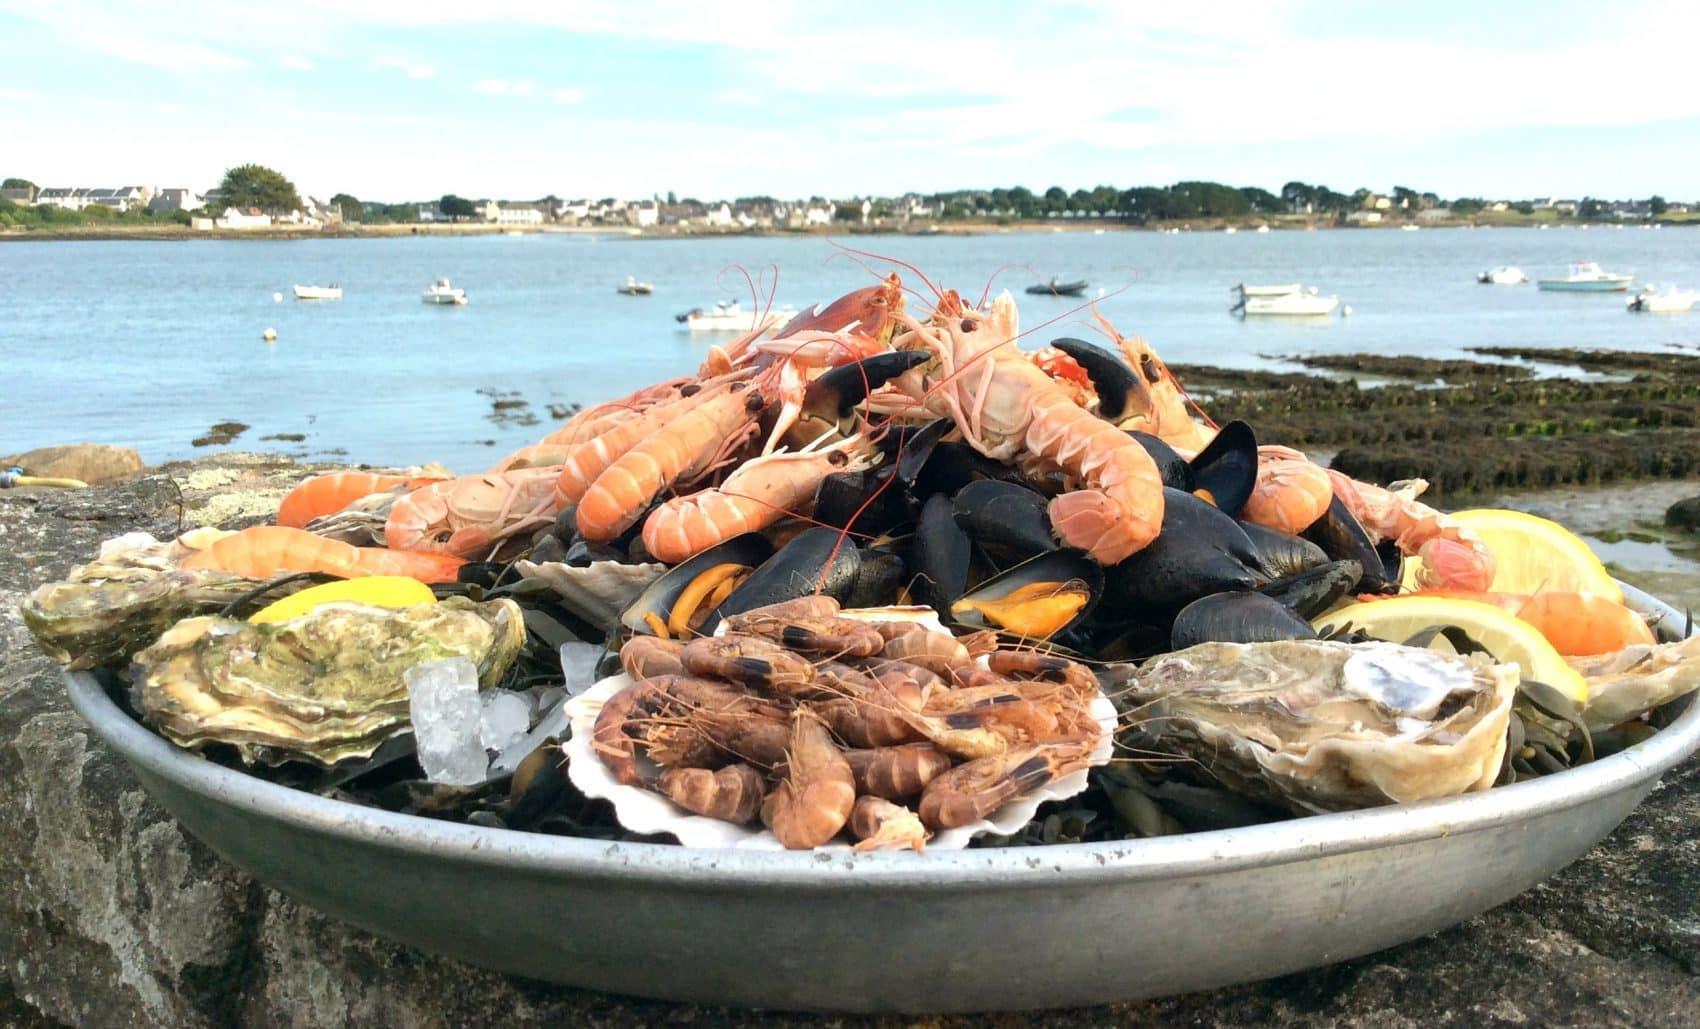 Dégustation de plateau de fruits de mer à St Guillaume dans le Morbihan